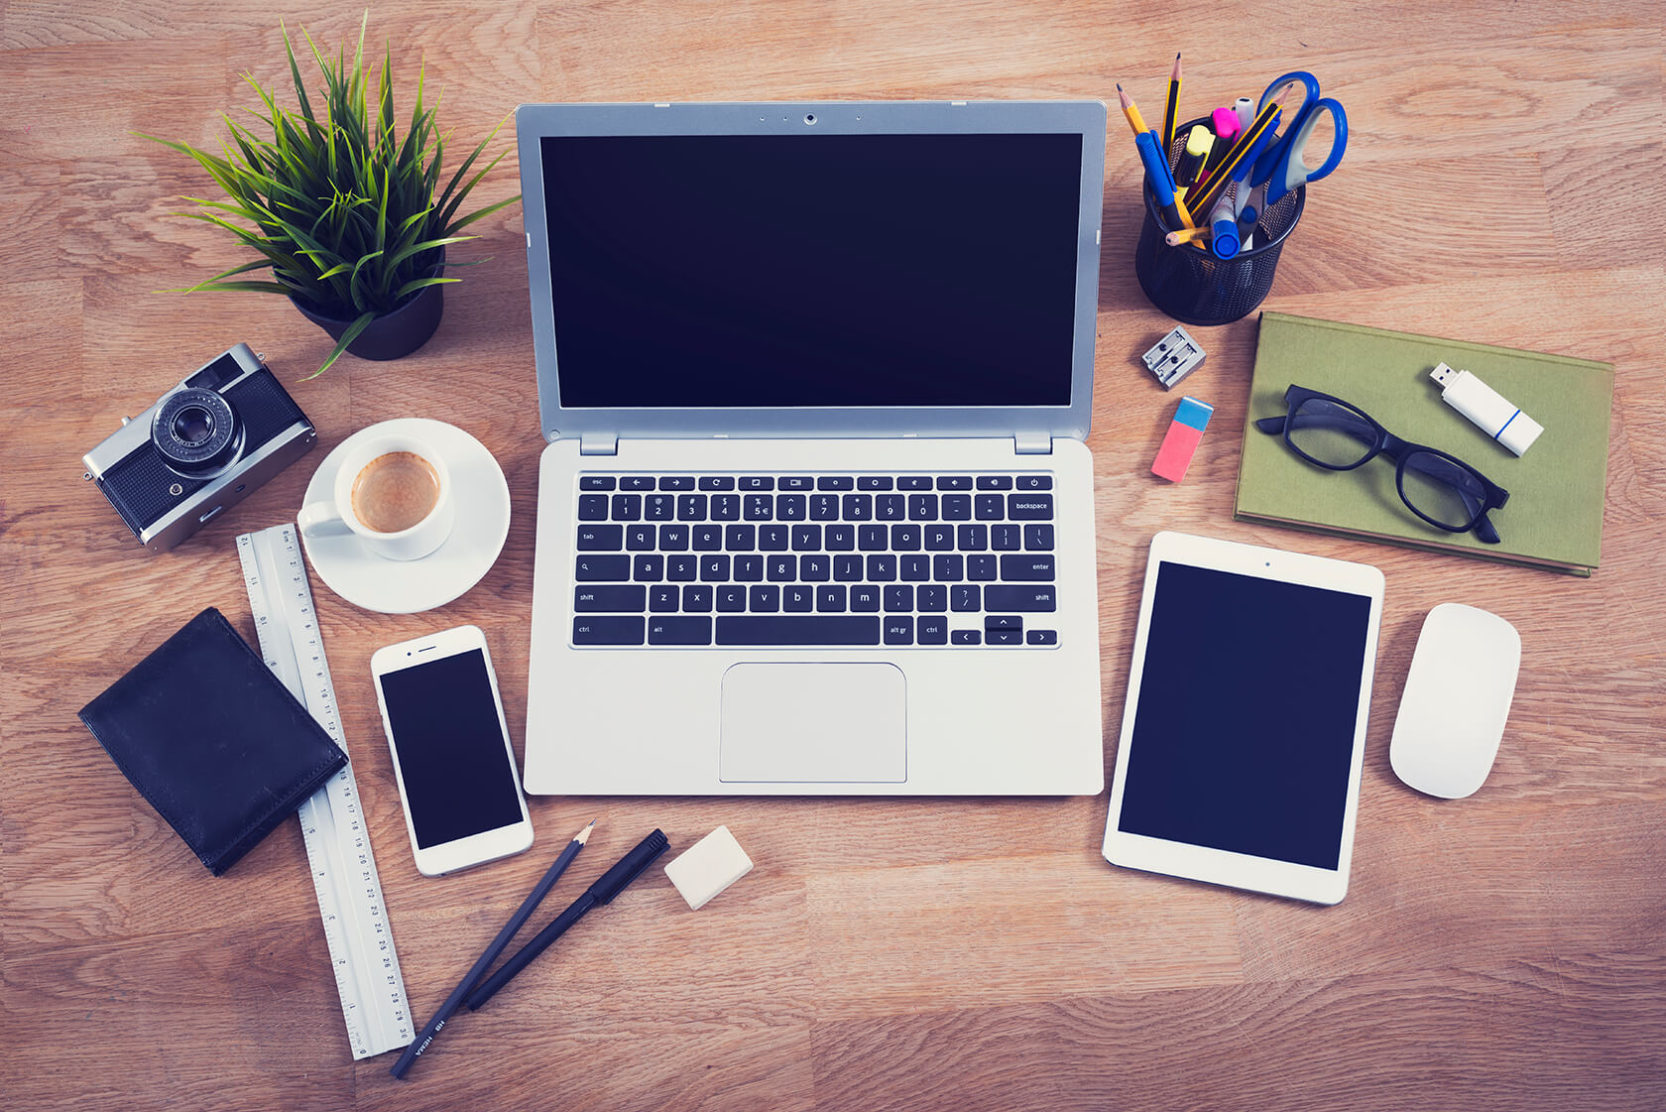 MacBook_Desk_Arrangement